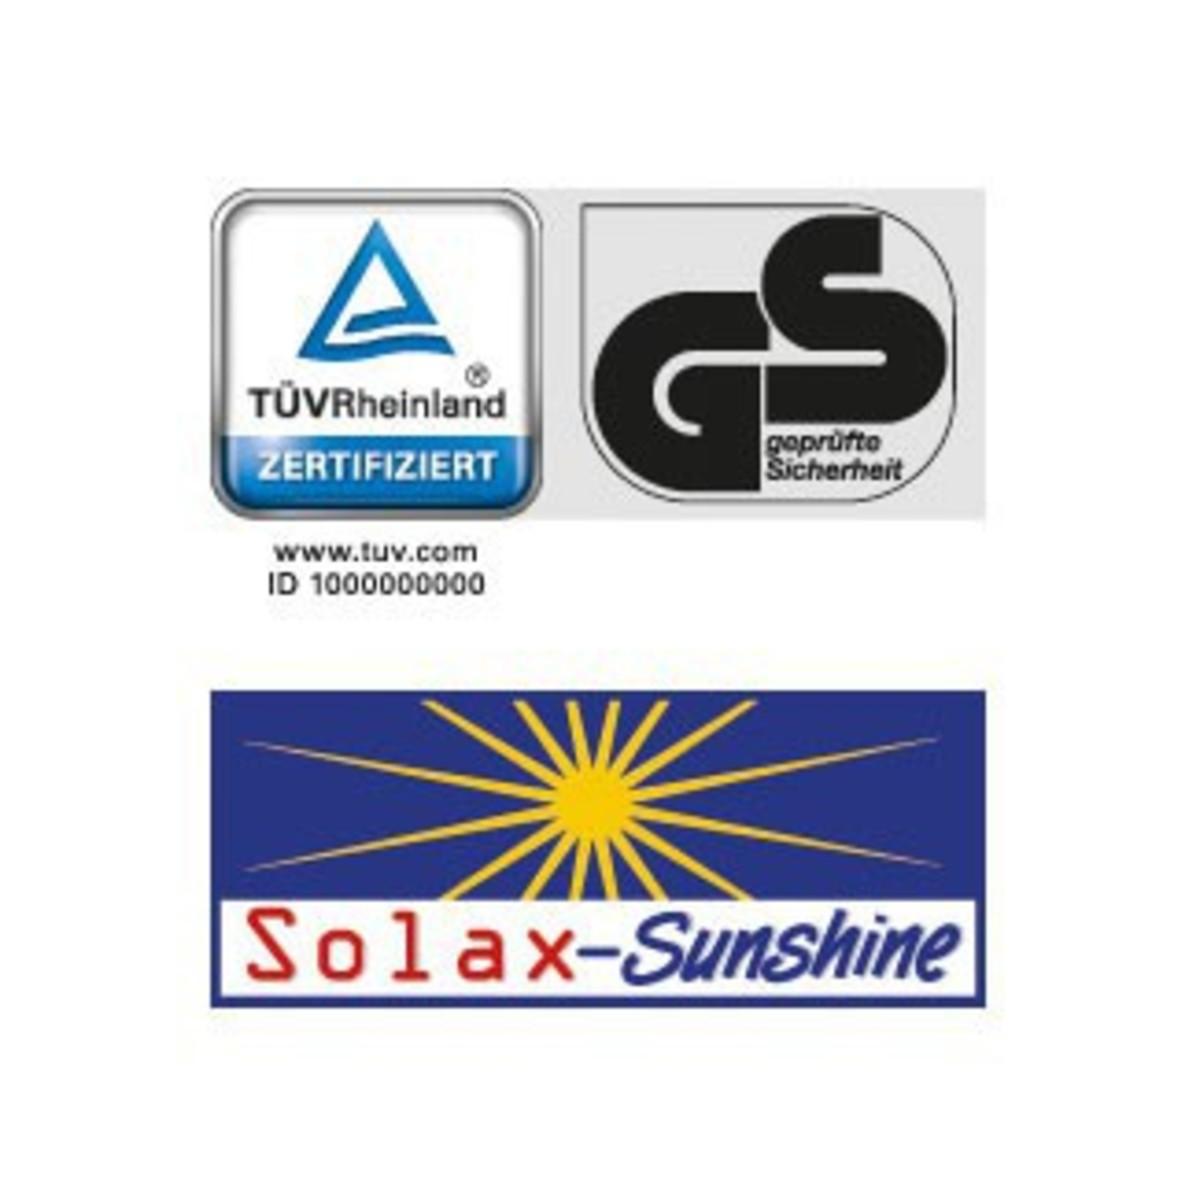 Bild 3 von Solax-Sunshine Alu-Sonnenliege mit Sonnendach, Anthrazit